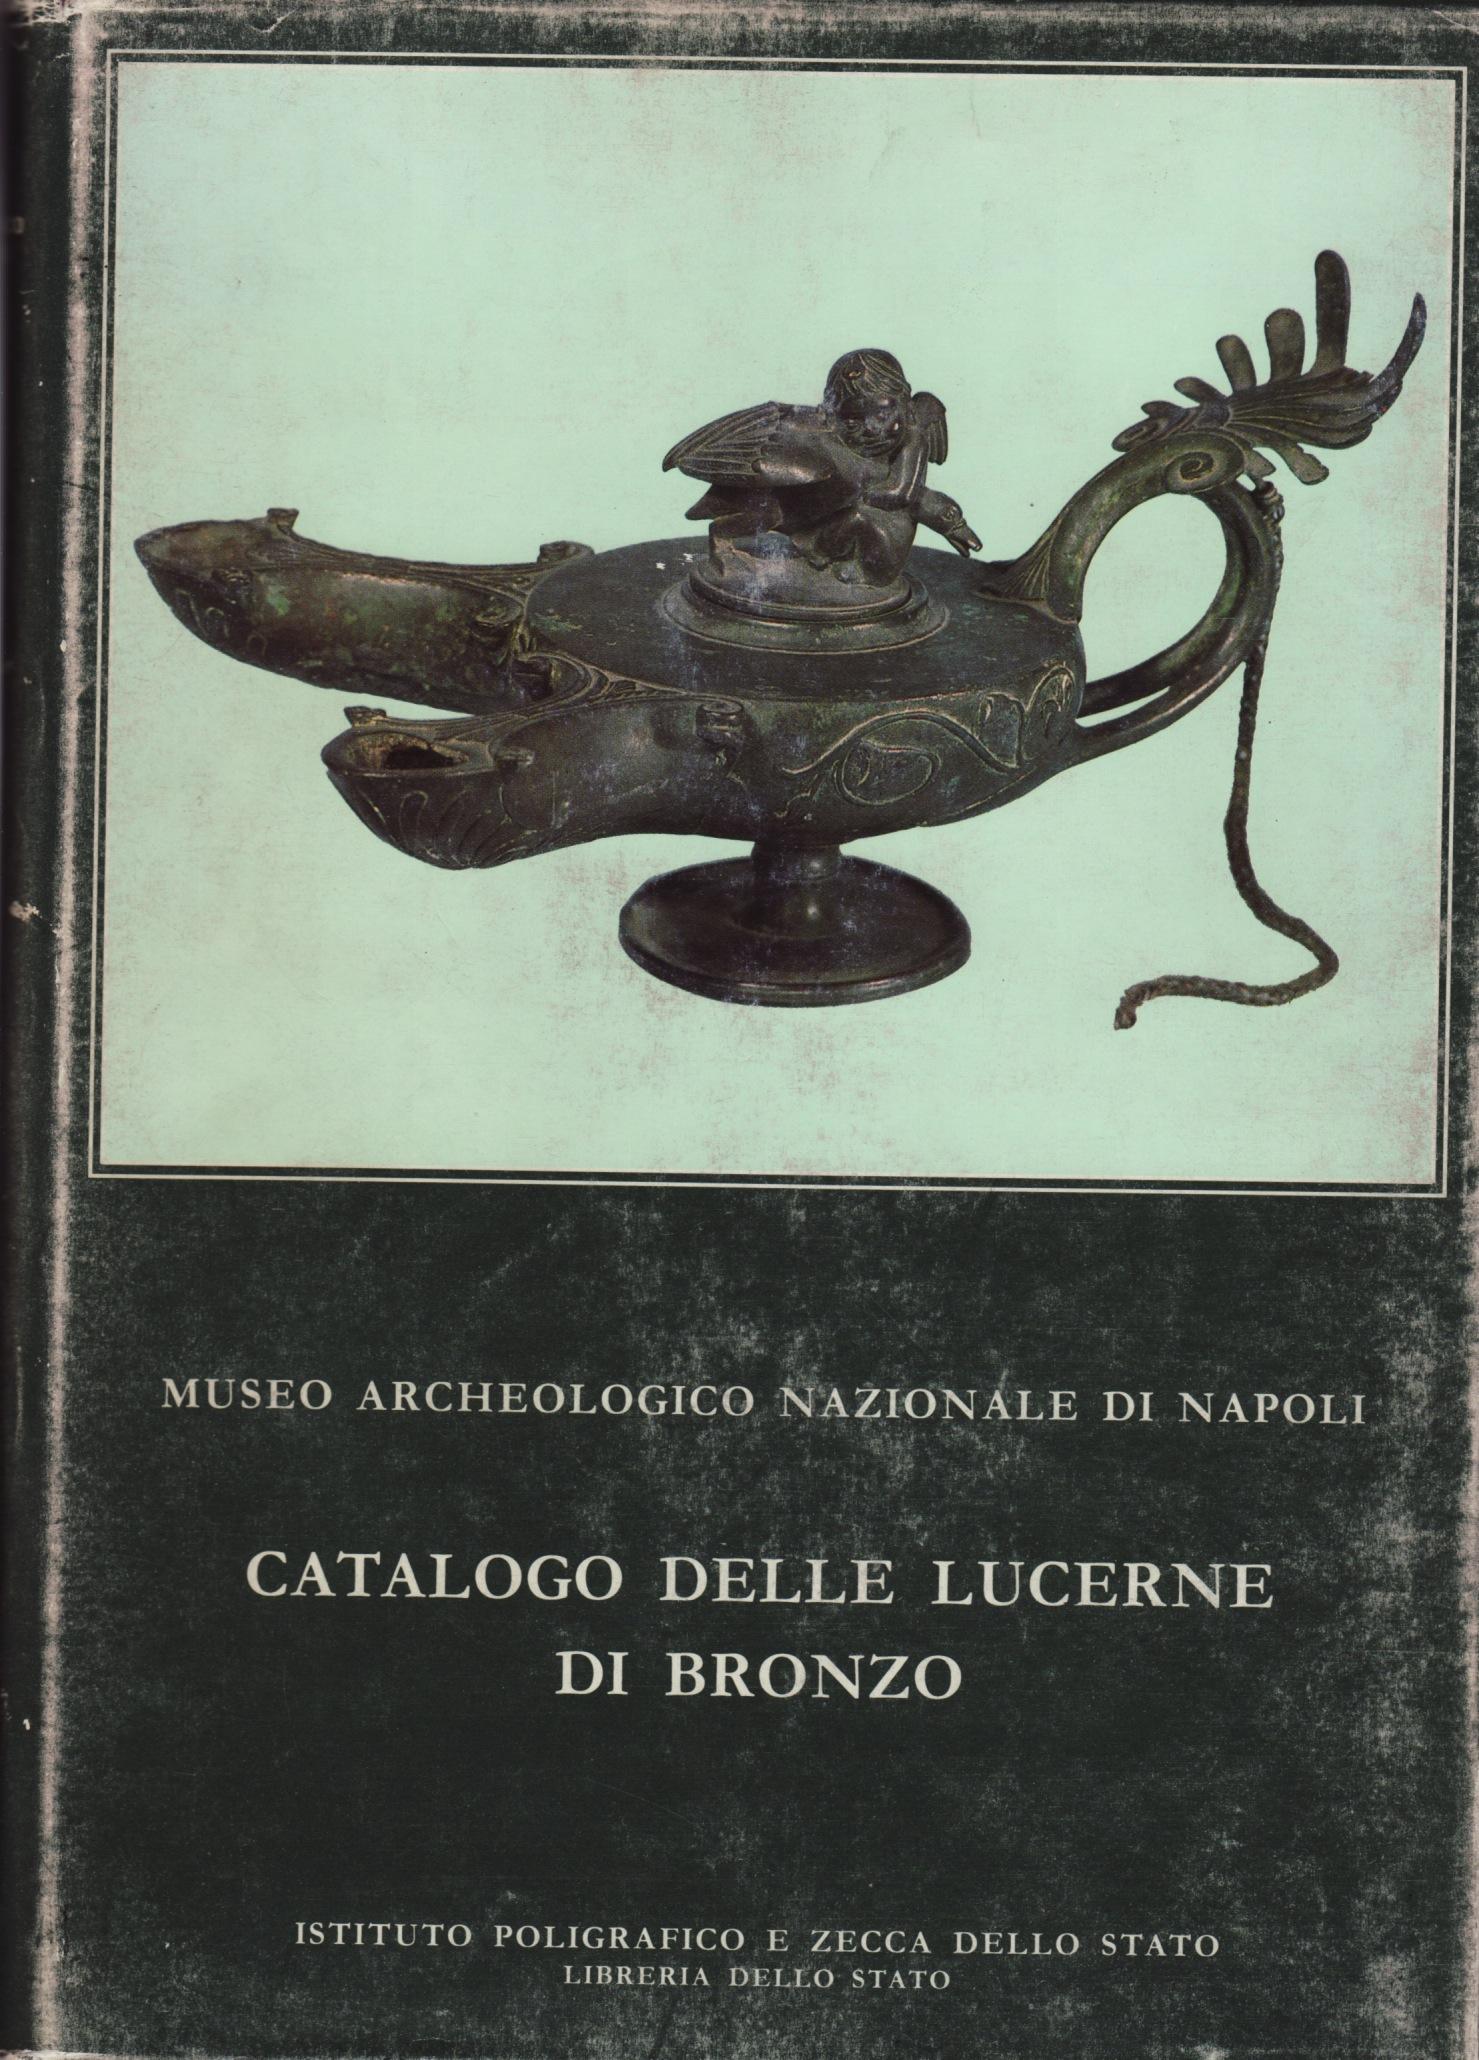 Valenza Mele 1981